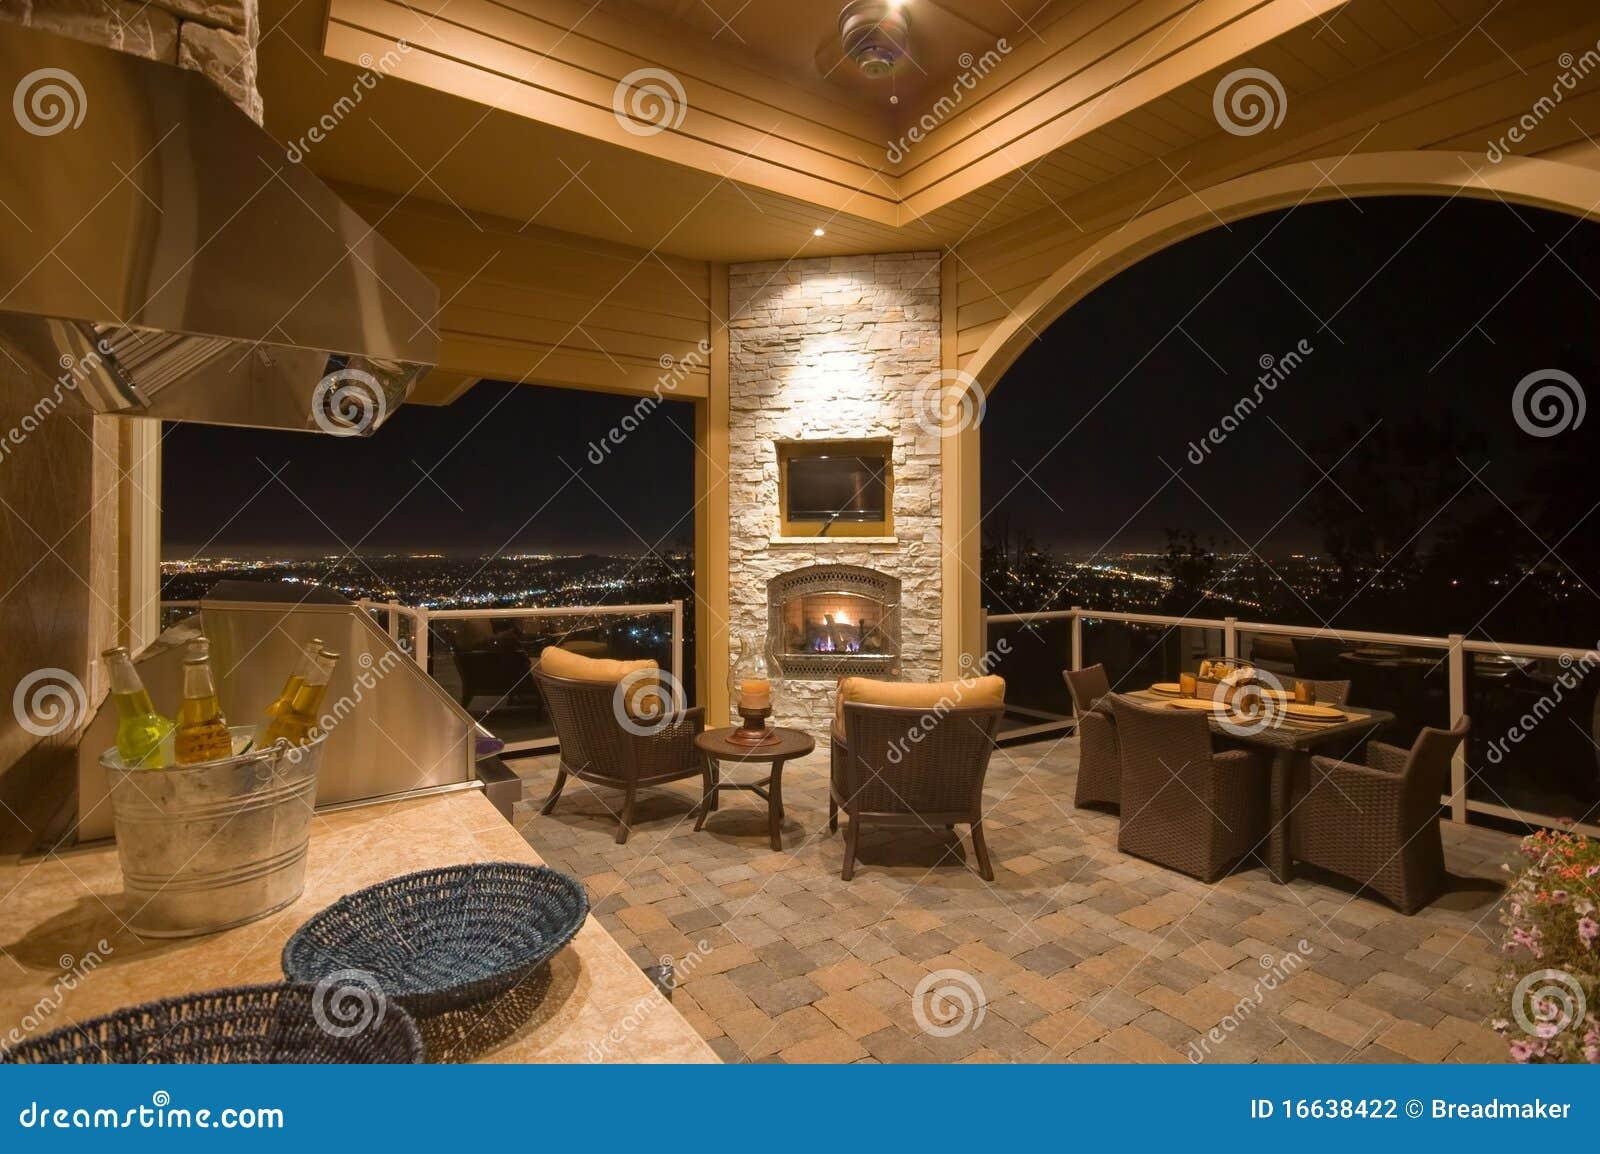 壁炉用装备的露台